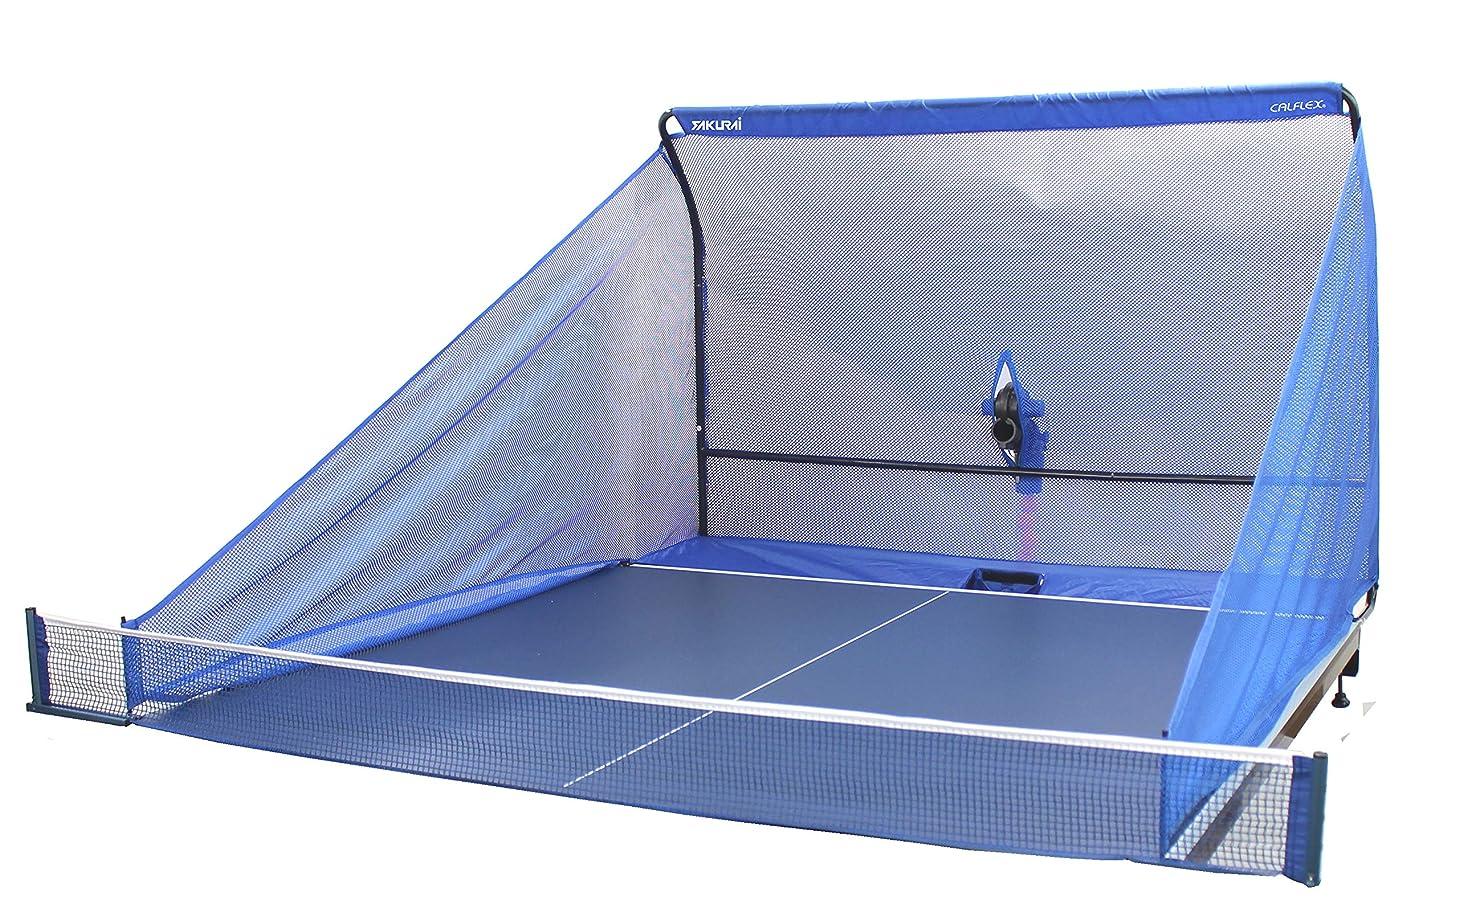 ウサギウサギ小川サクライ貿易 サクライ貿易 カルフレックス 卓球 ネット ピンポンマシン用ネット マシン対応 CTRN-18S